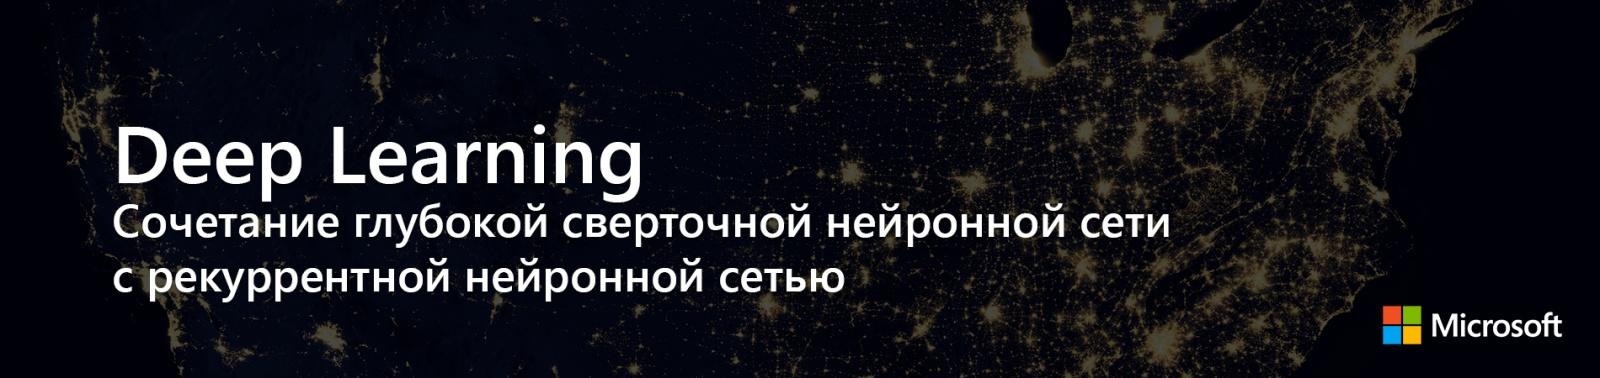 Deep Learning: Cочетание глубокой сверточной нейронной сети с рекуррентной нейронной сетью - 1